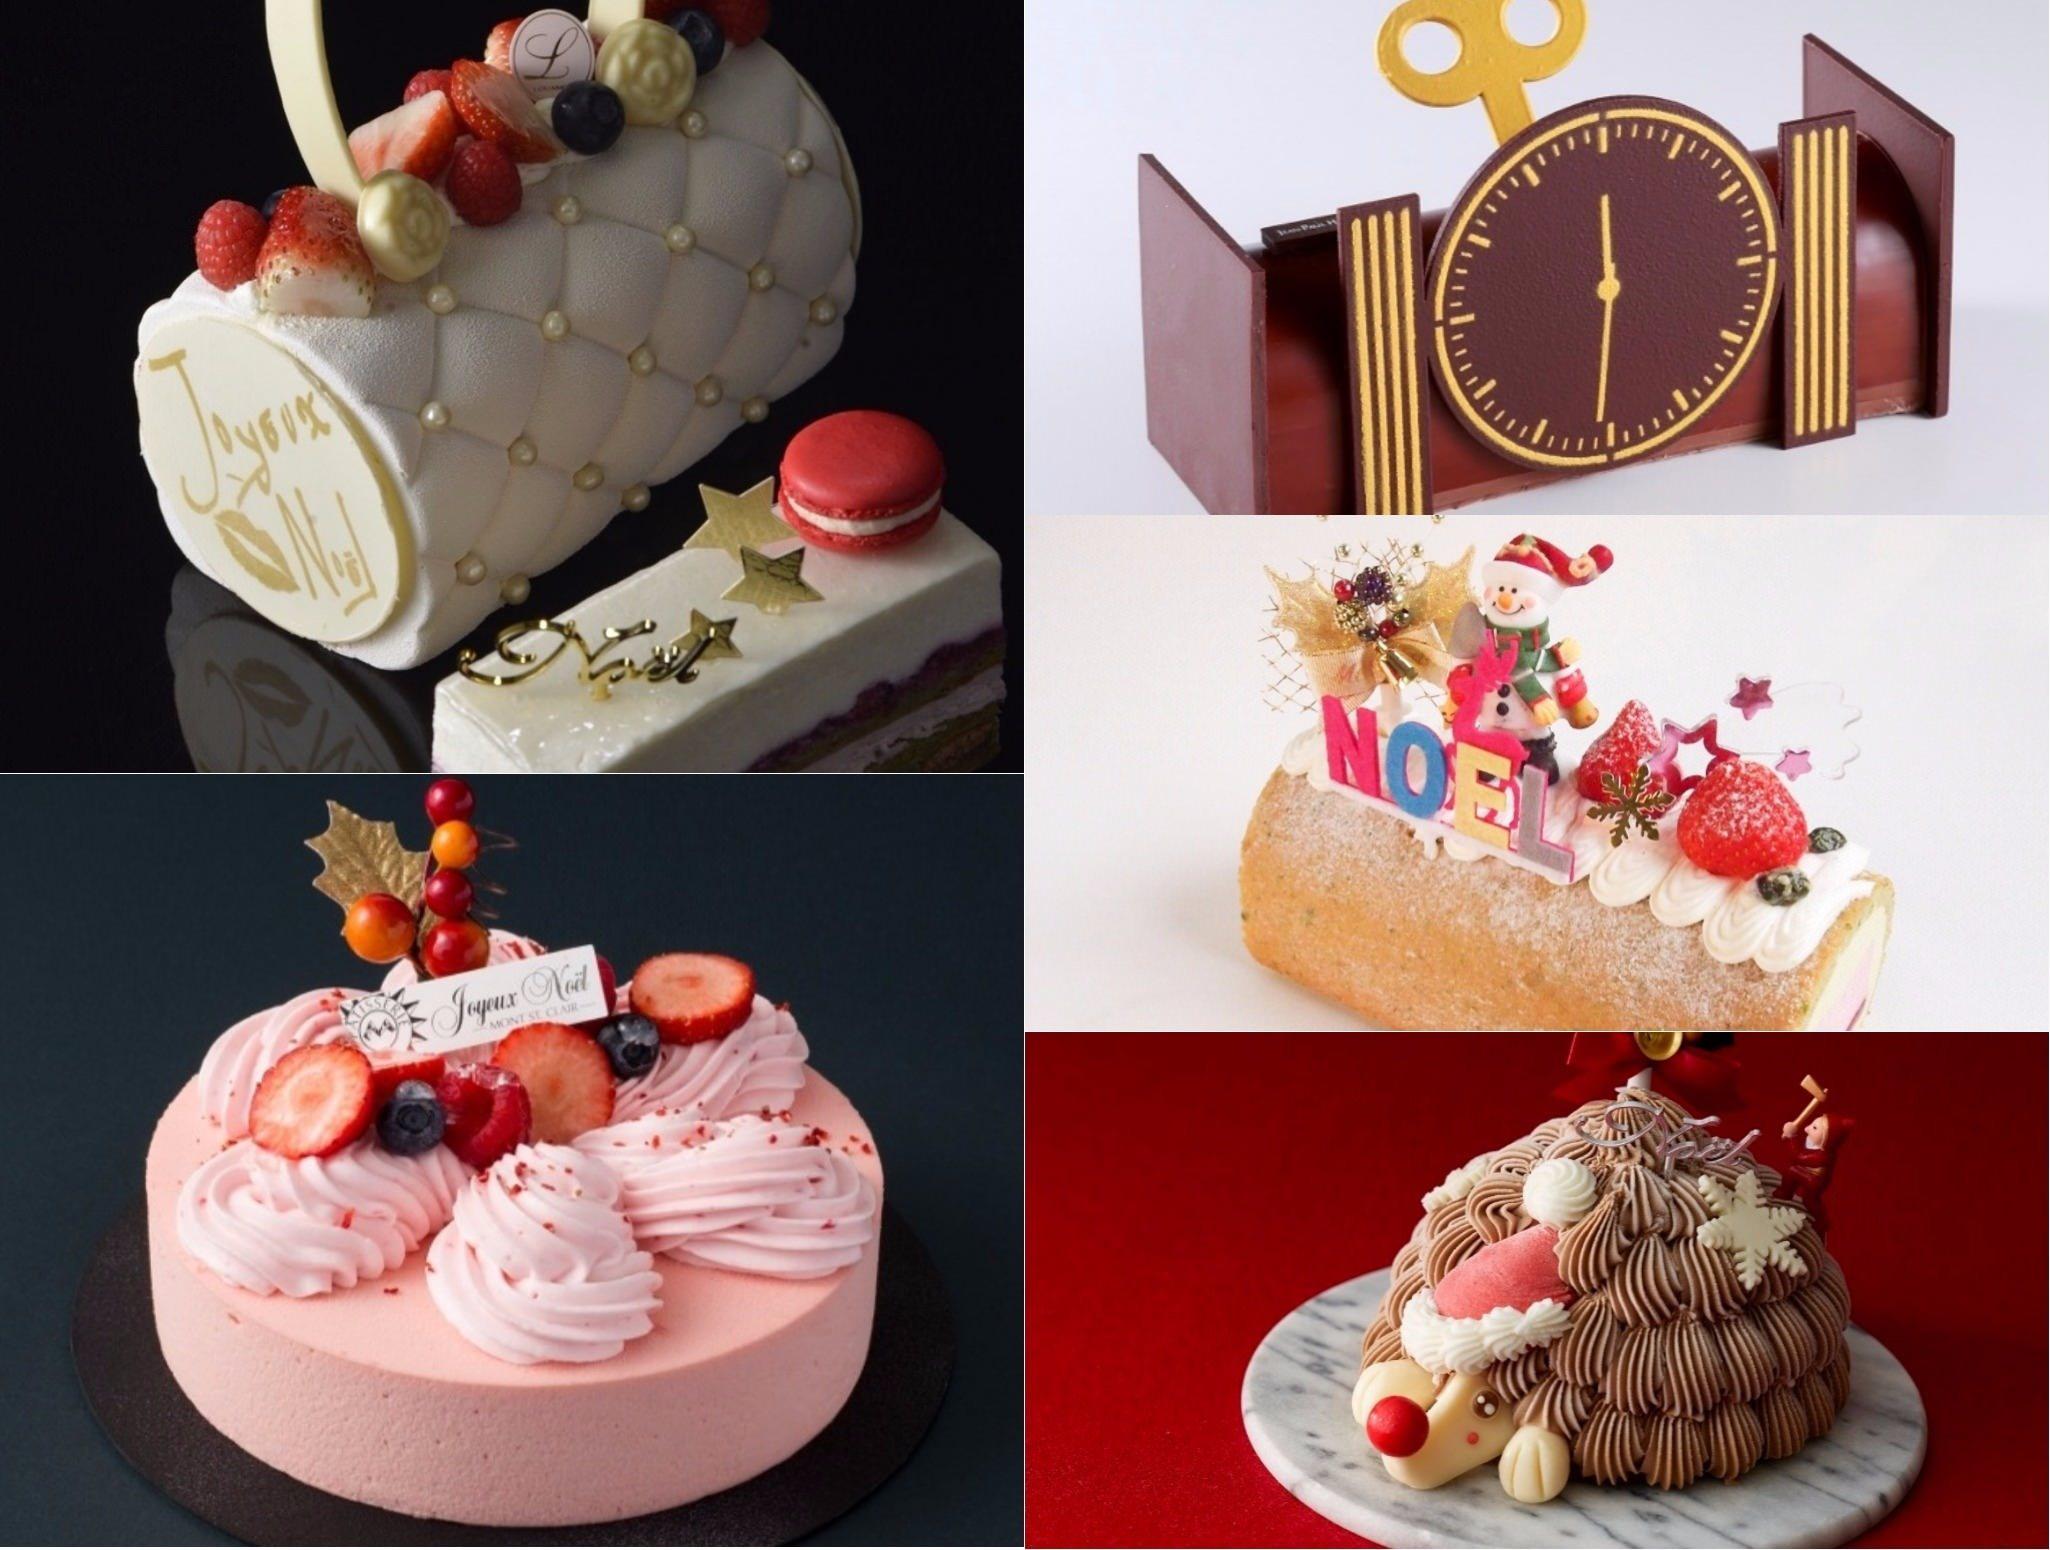 【2017年版】予約必須! 超人気パティスリーの極上クリスマスケーキ5選